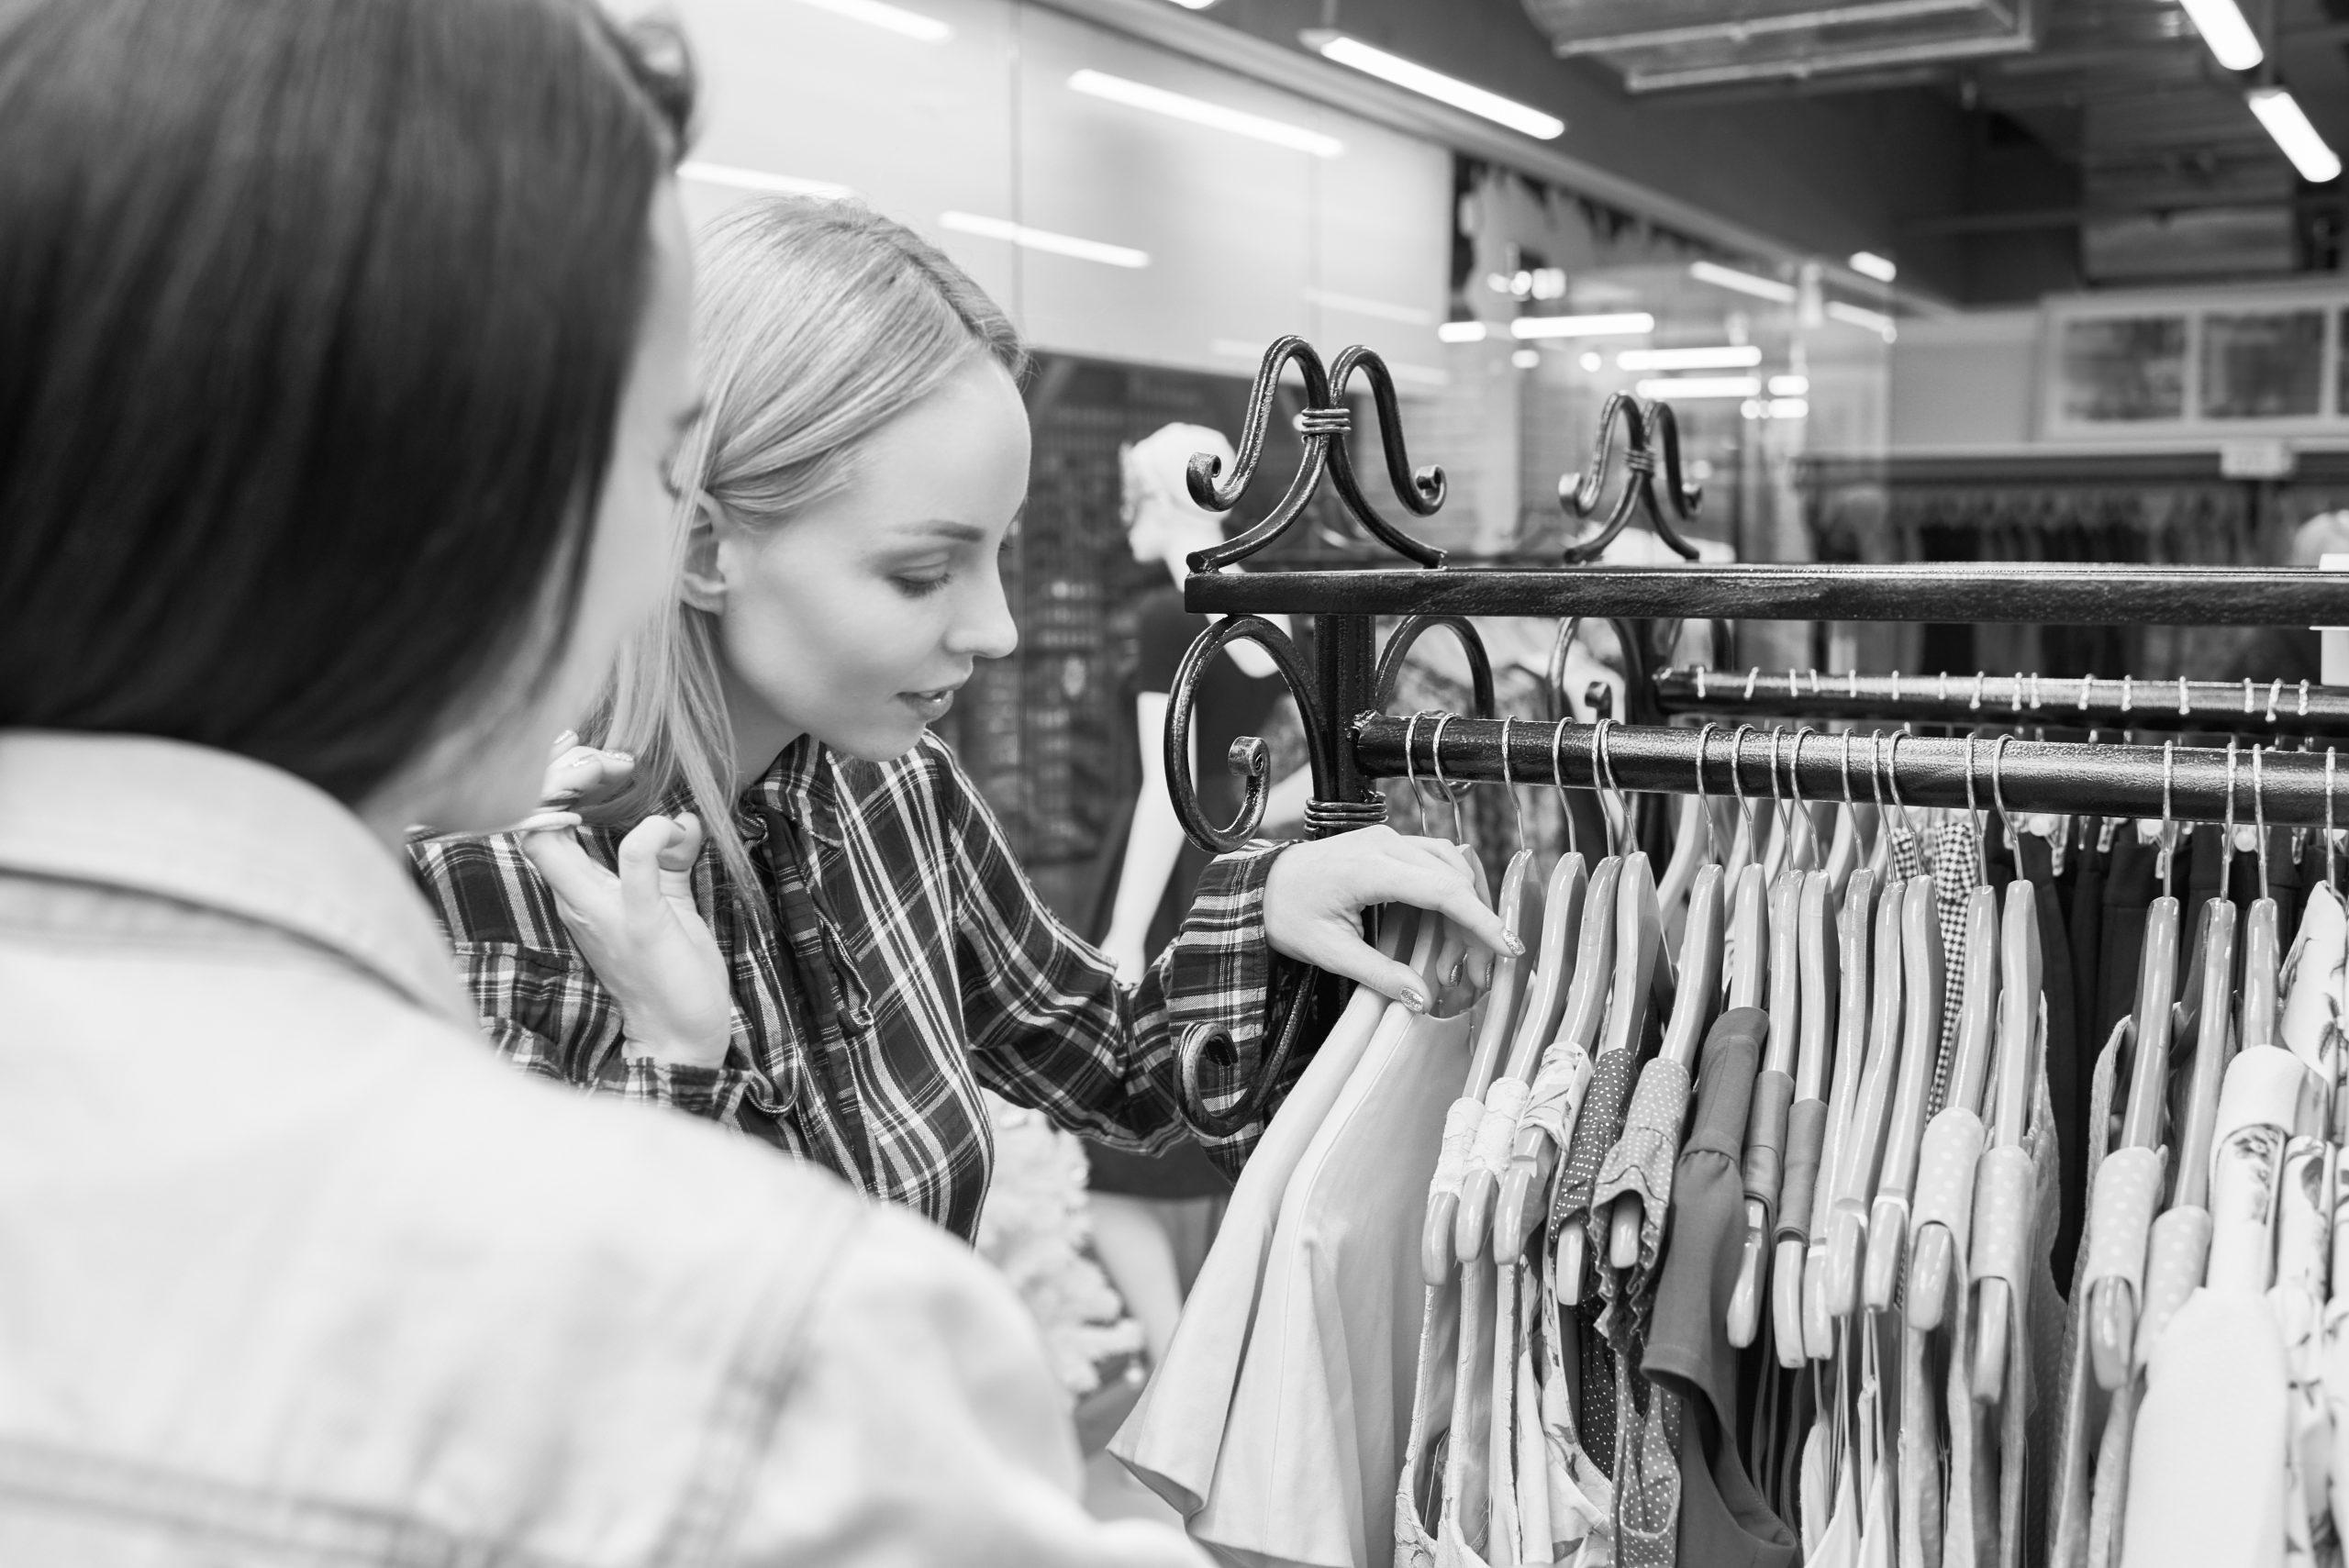 Vendeuse de vêtement